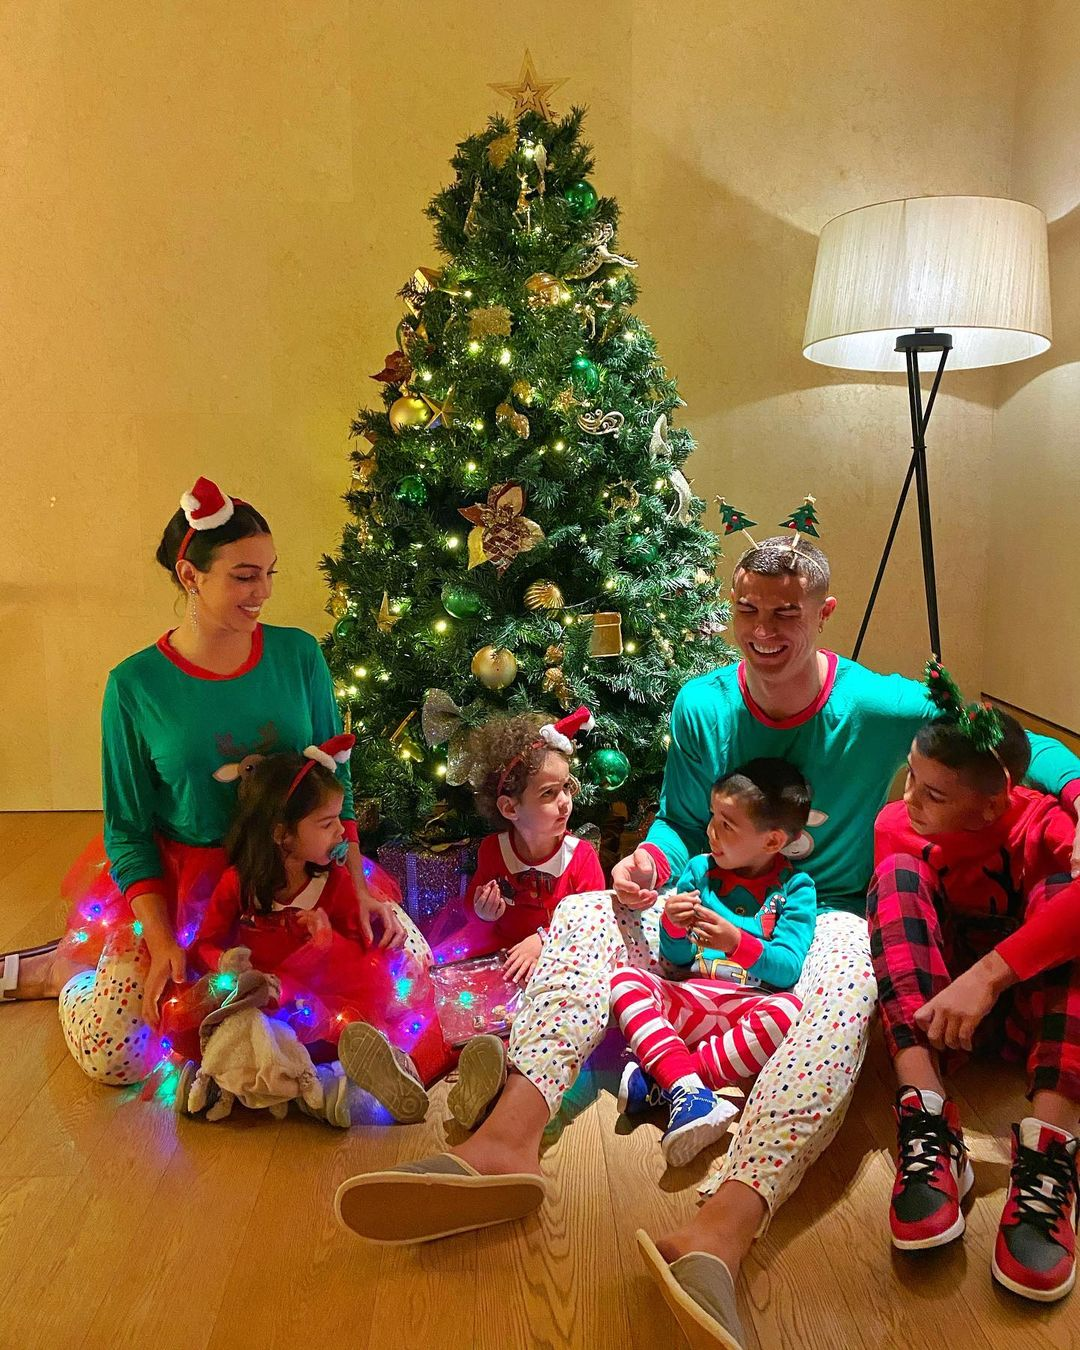 Різдво-2020: Джастін Бібер, Вікторія Бекхем, Кендалл Дженнер та інші зірки діляться сімейними фото